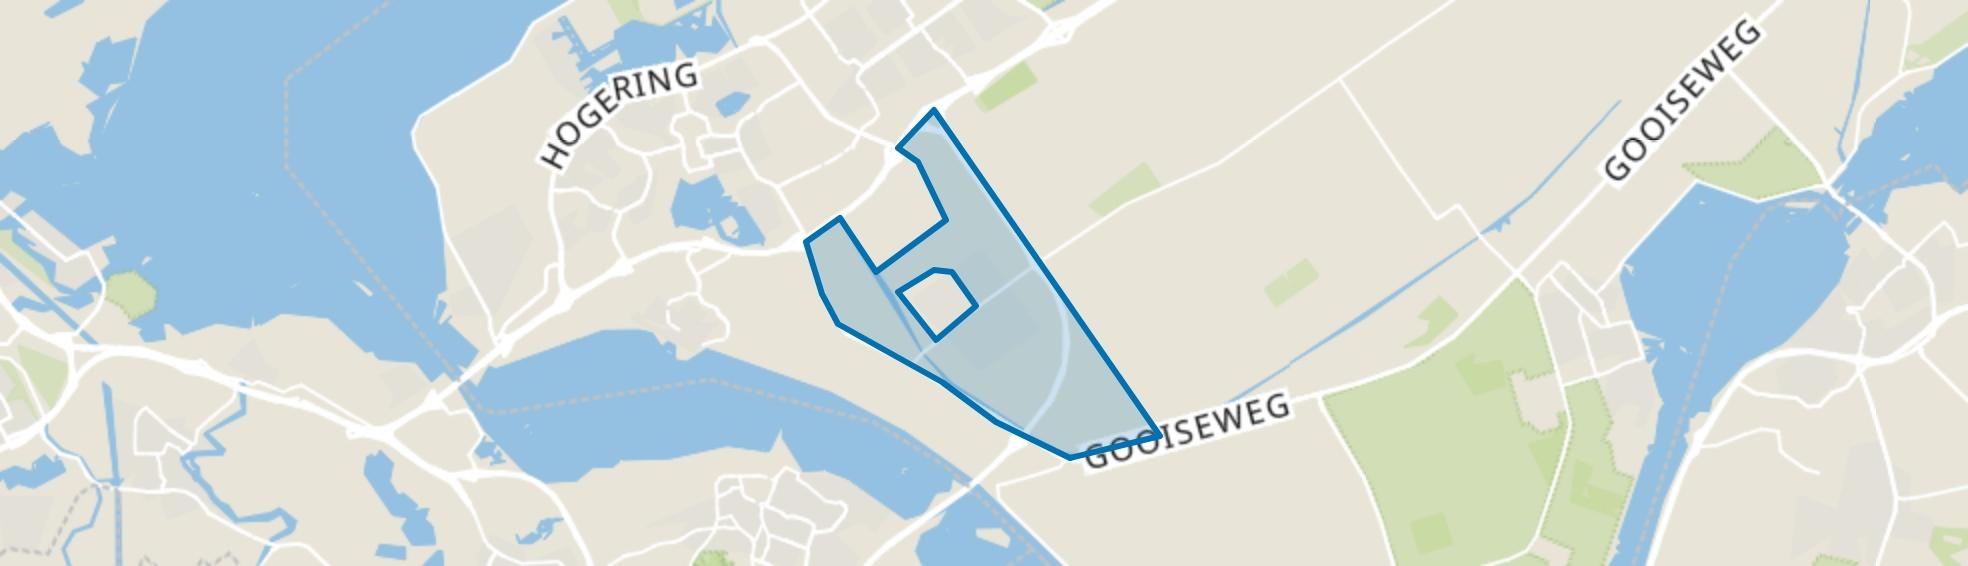 Overig Almere Hout, Almere map